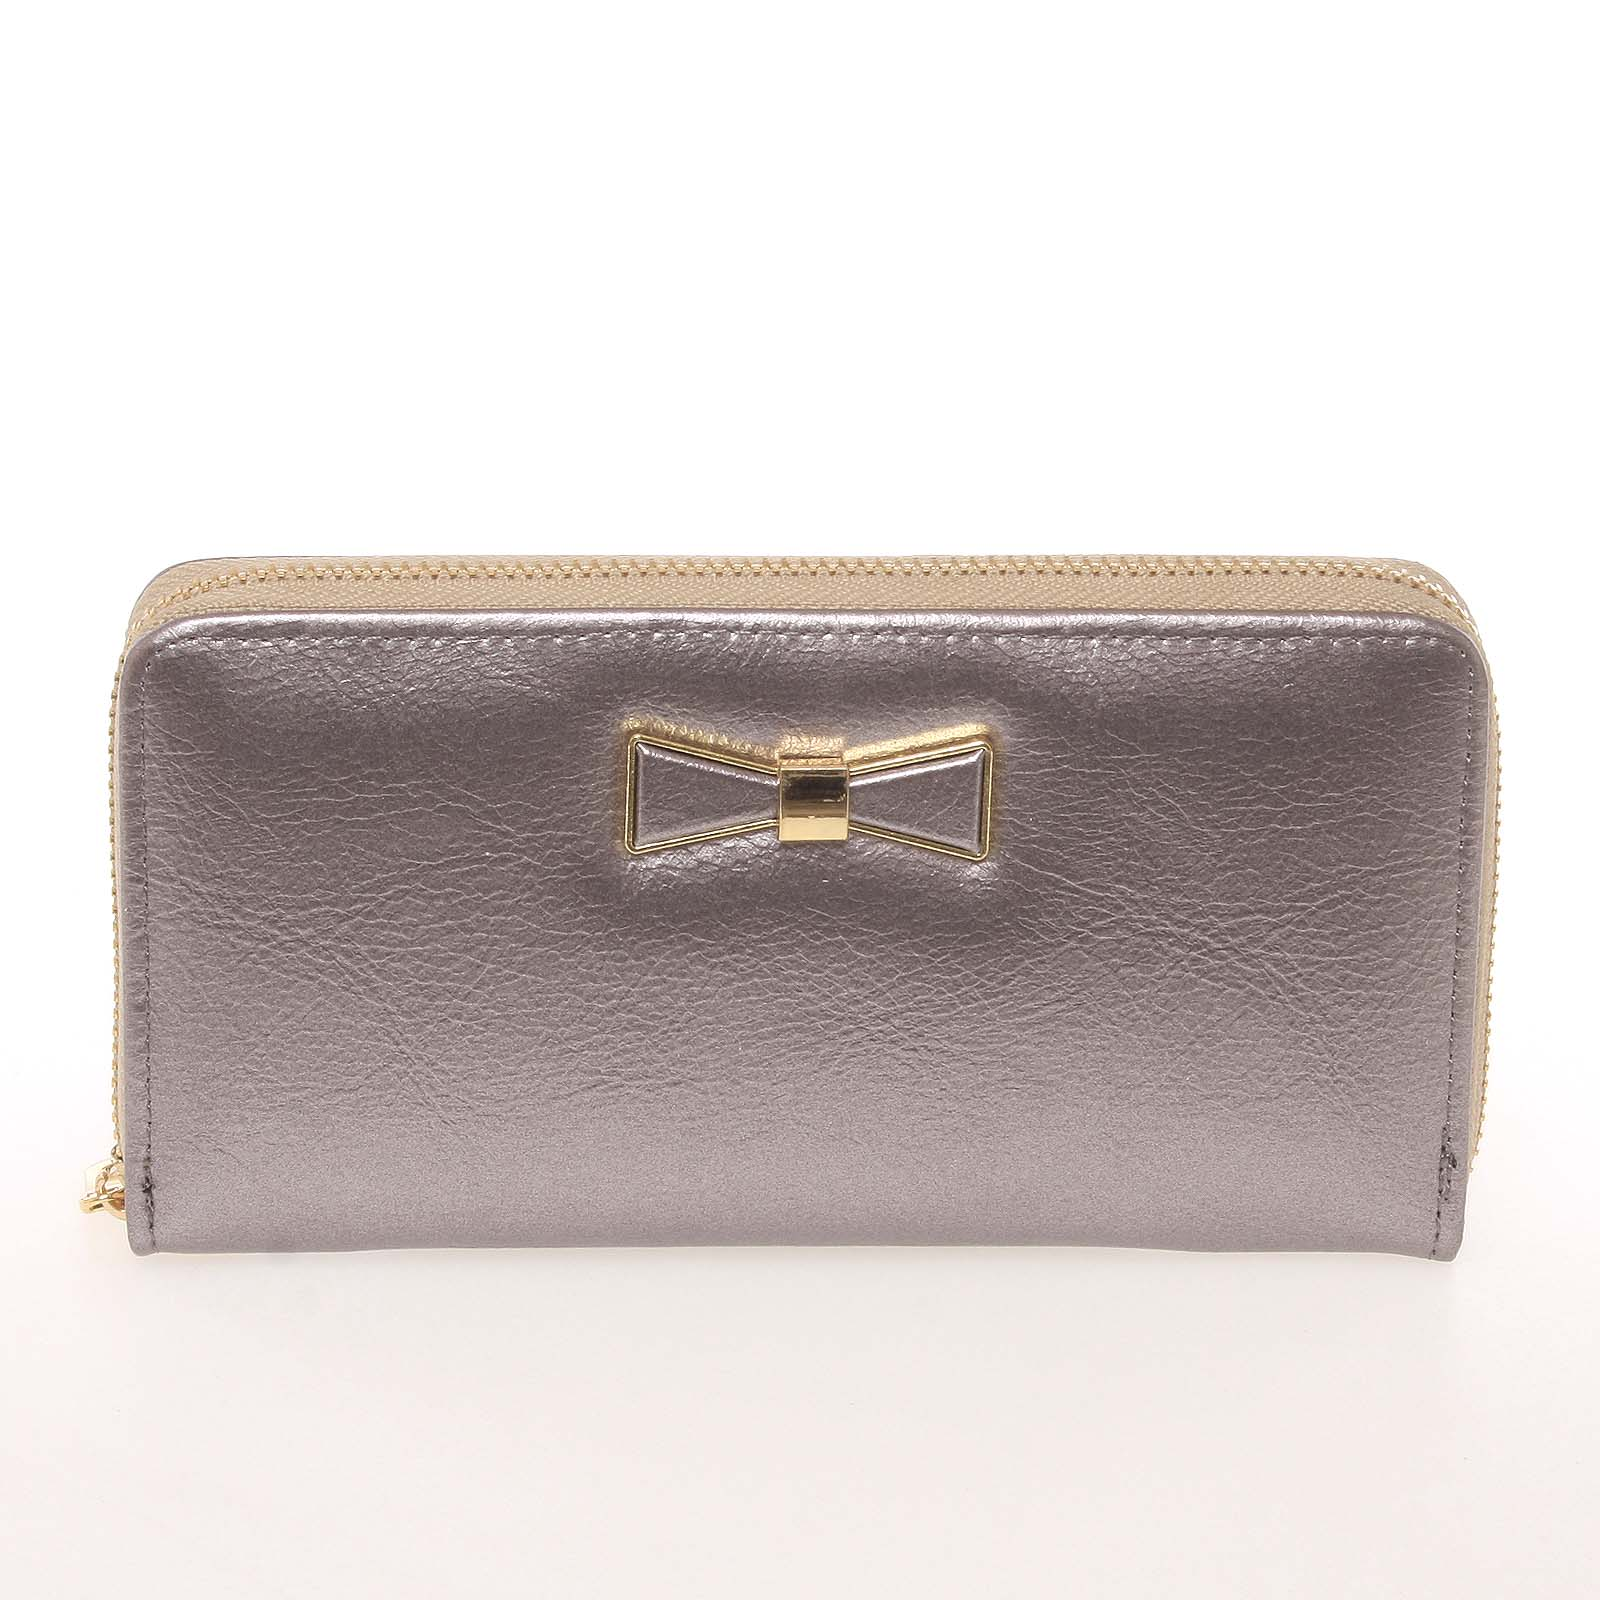 Moderní dámská peněženka s poutkem stříbrná - Milano Design SF1821